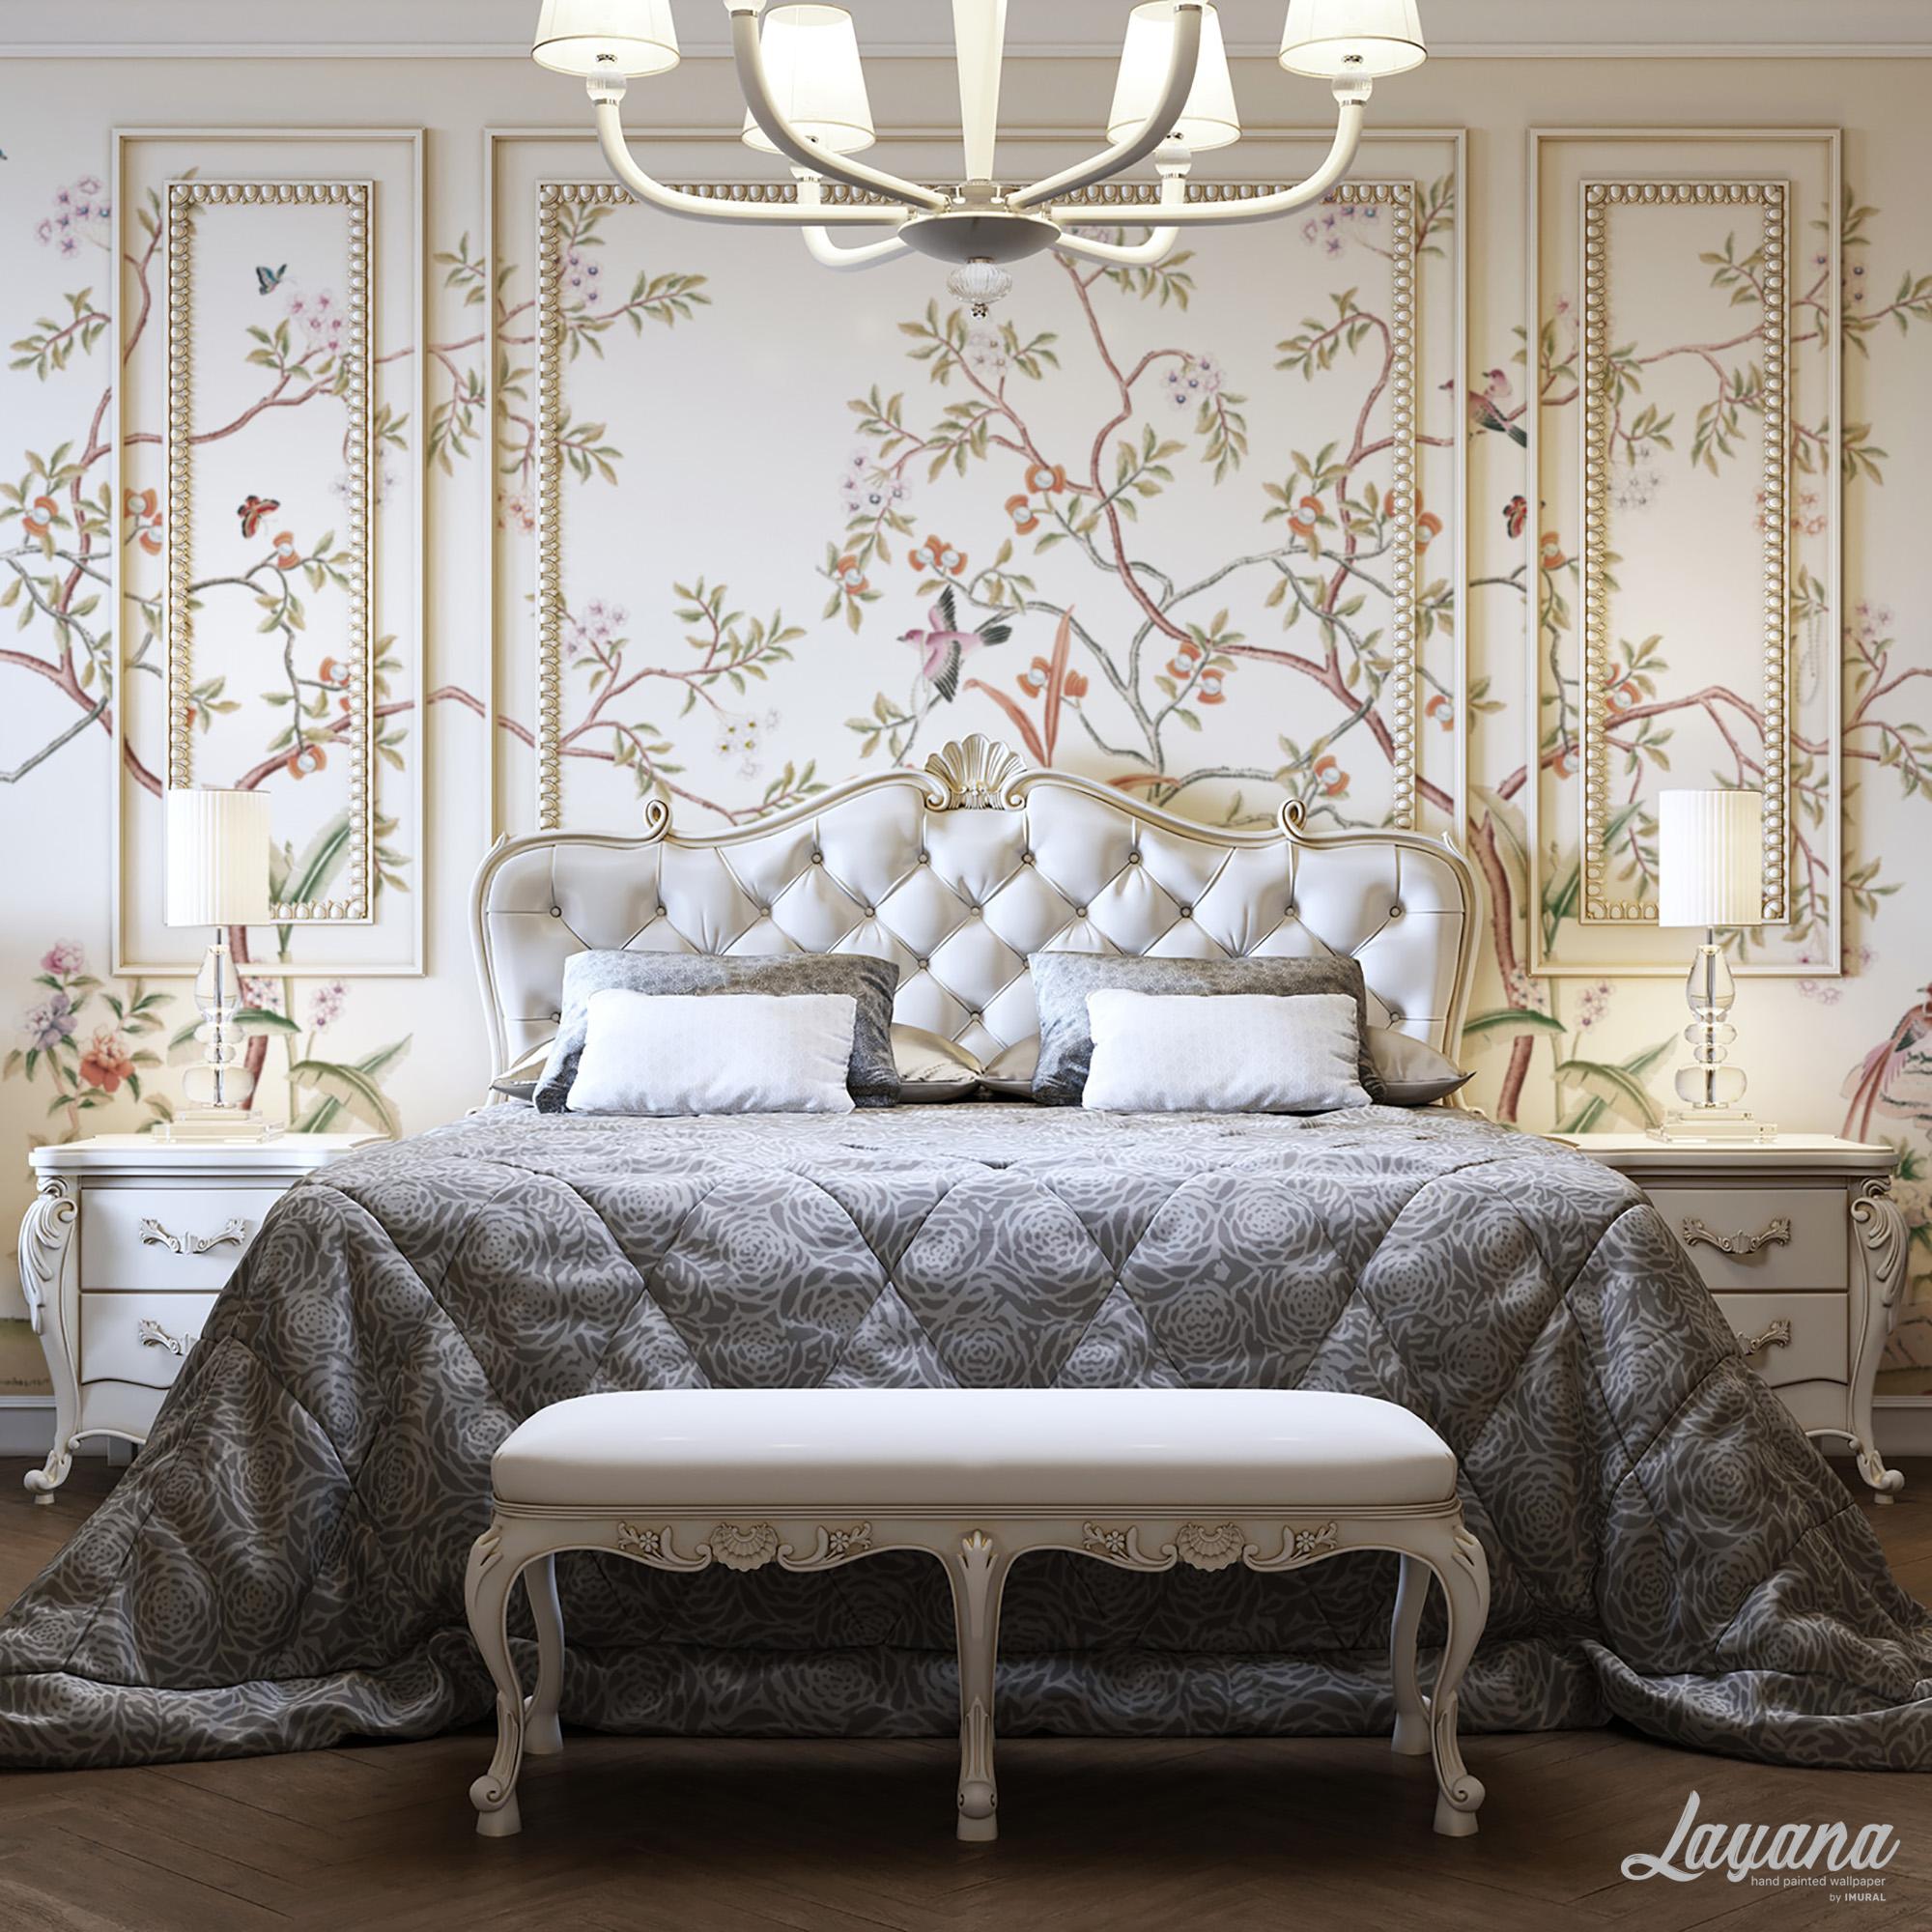 wallpaper dinding kamar tidur elegan